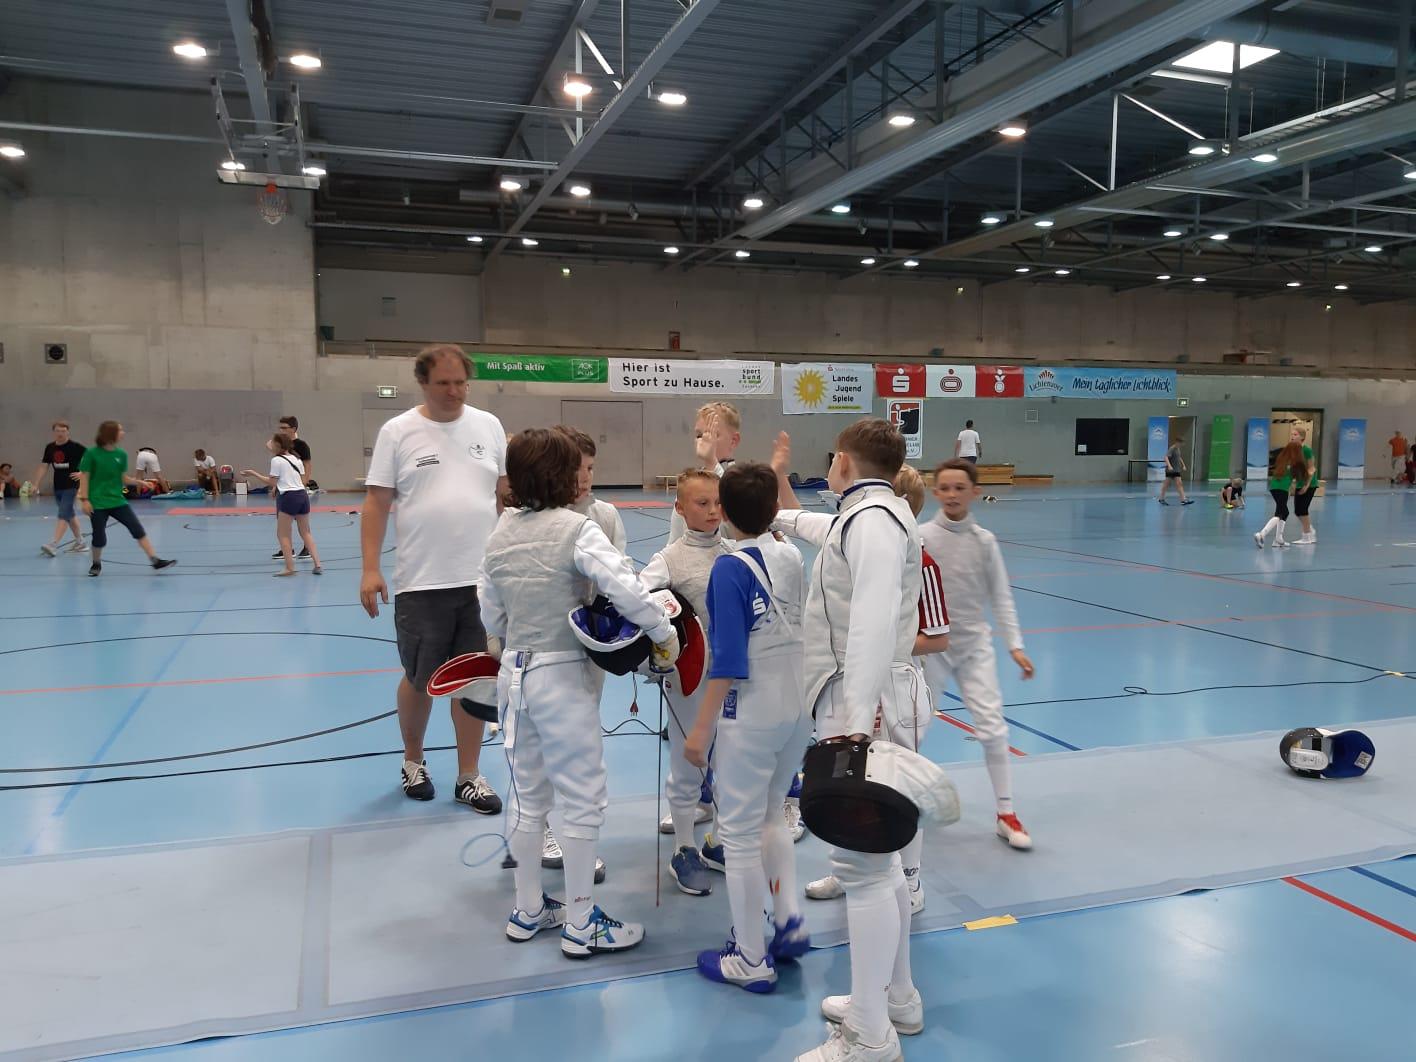 Landesjugendspiele_Landesmeisterschaften_Schler_Florett2019.jpg